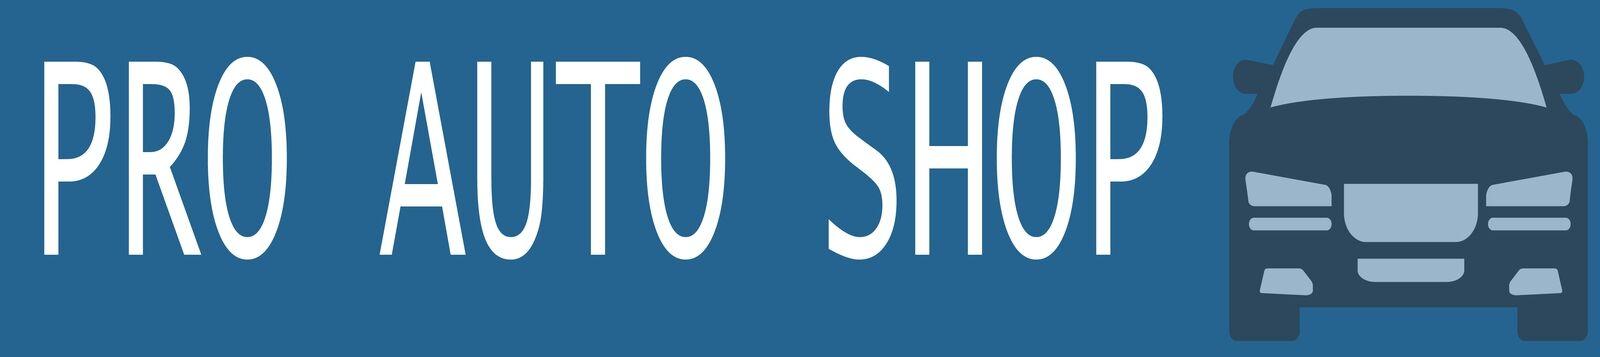 Pro Auto Shop